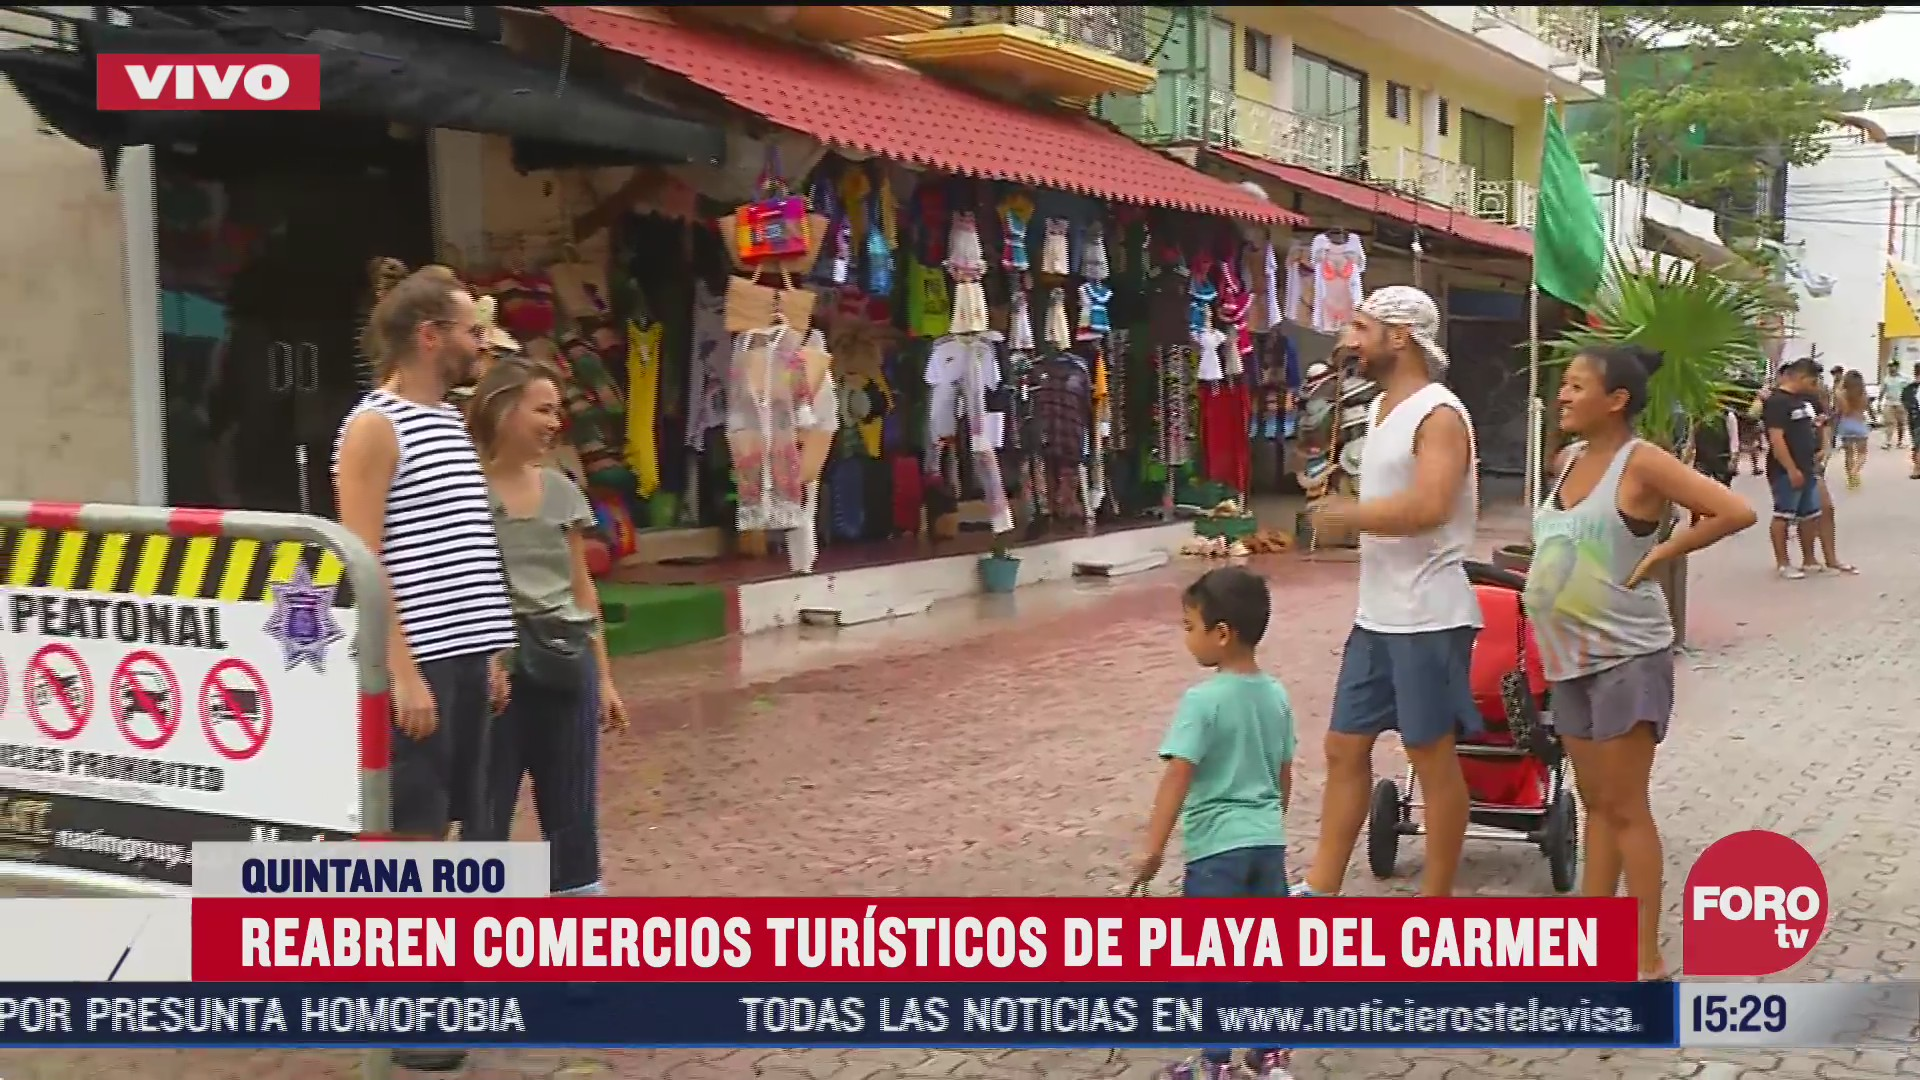 reabren comercios turisticos de playa del carmen tras huracan delta